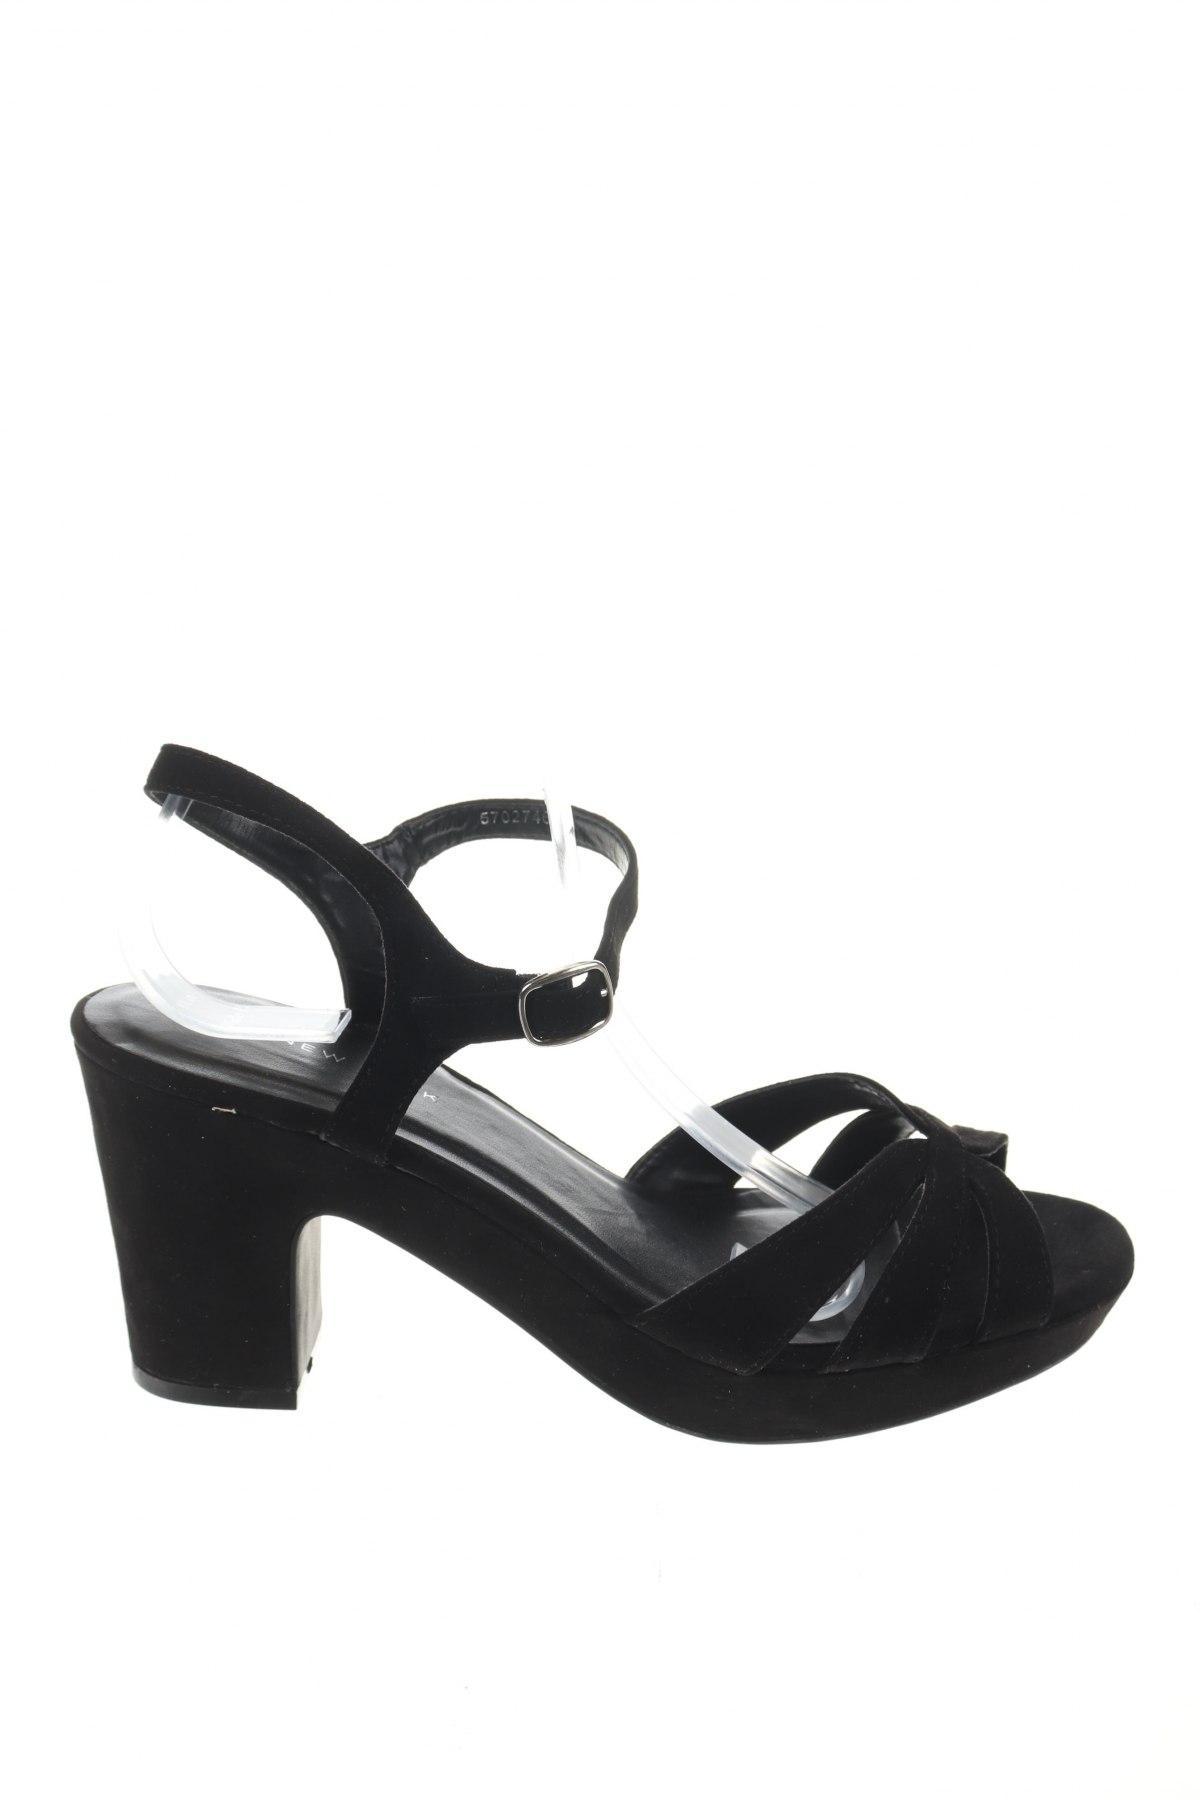 Σανδάλια New Look, Μέγεθος 41, Χρώμα Μαύρο, Κλωστοϋφαντουργικά προϊόντα, Τιμή 15,16€